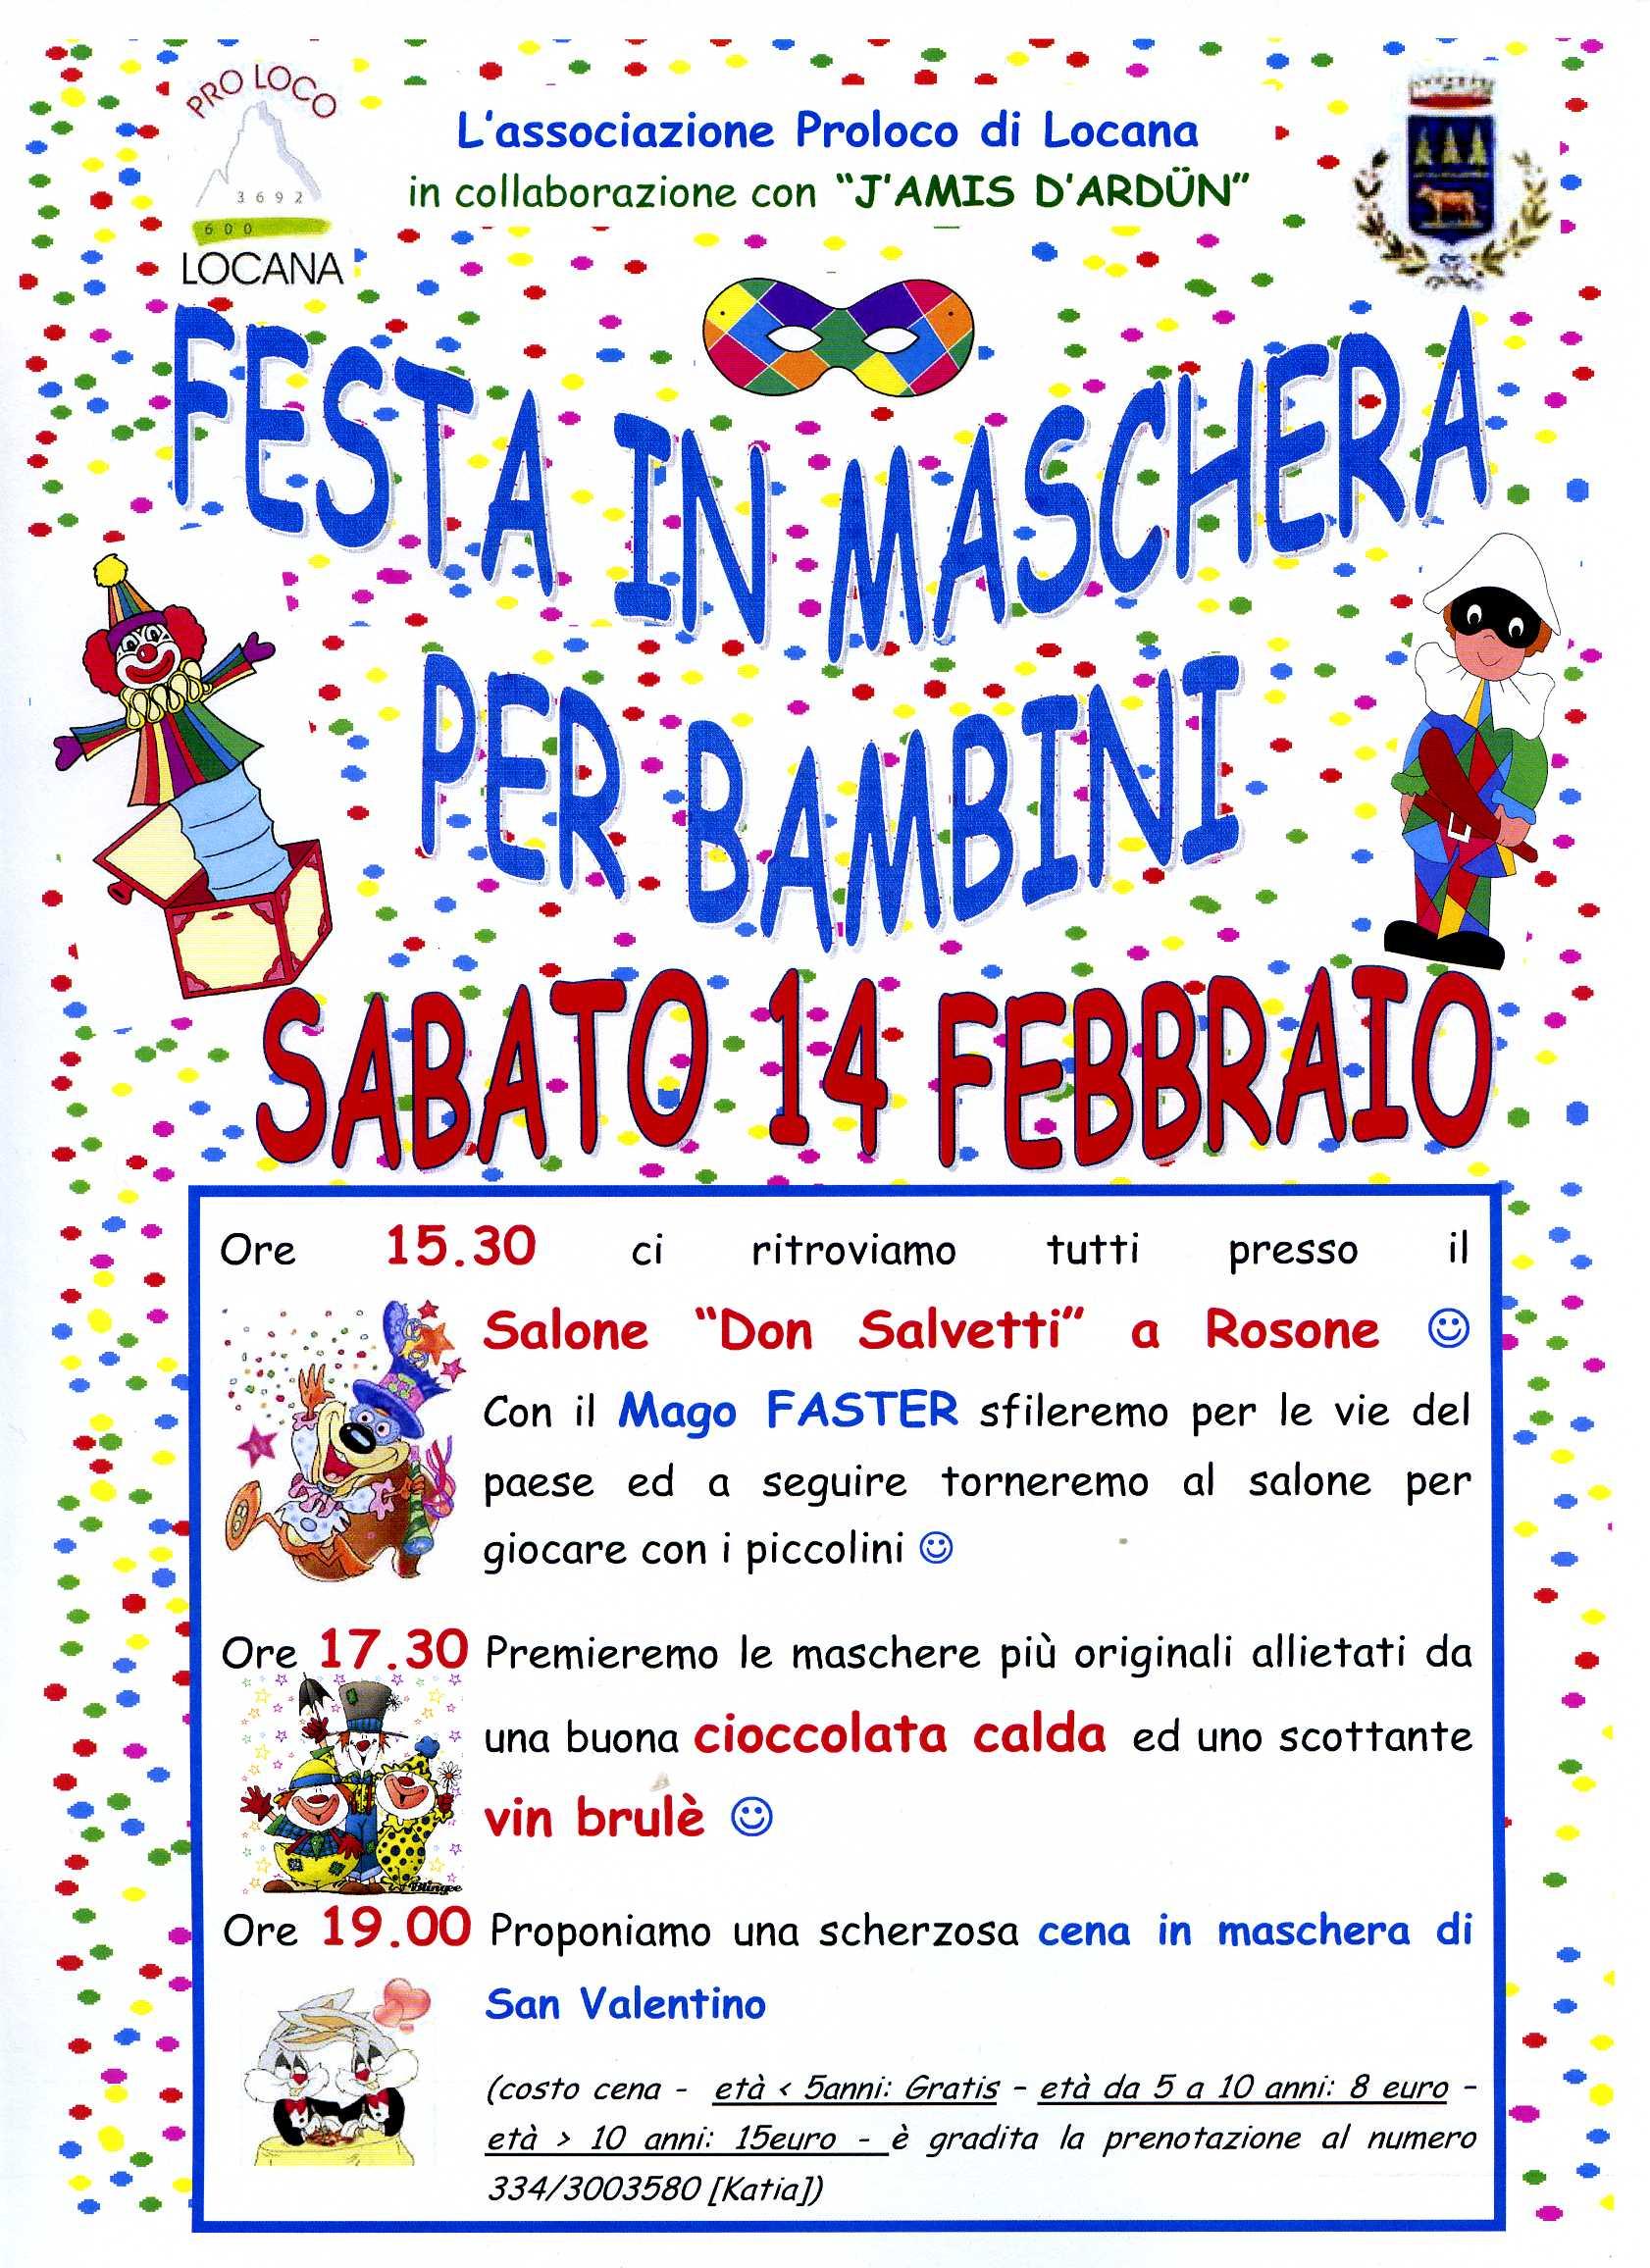 Festa in maschera per bambini - Comune di Locana f1a8f63ab6d2